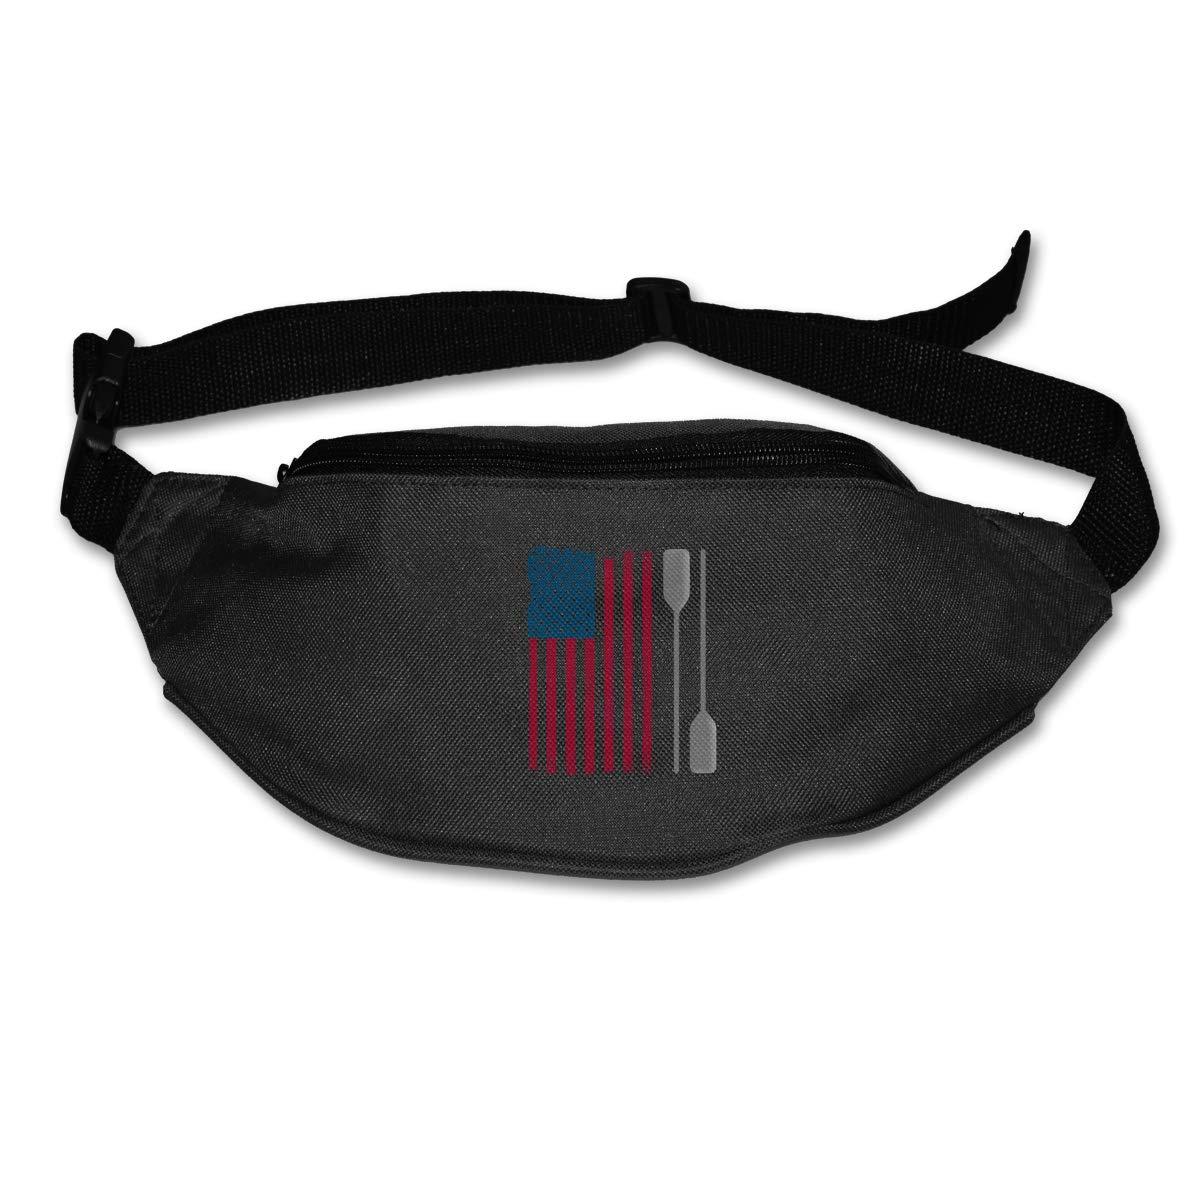 USA Flag Kayak Sport Waist Bag Fanny Pack Adjustable For Travel